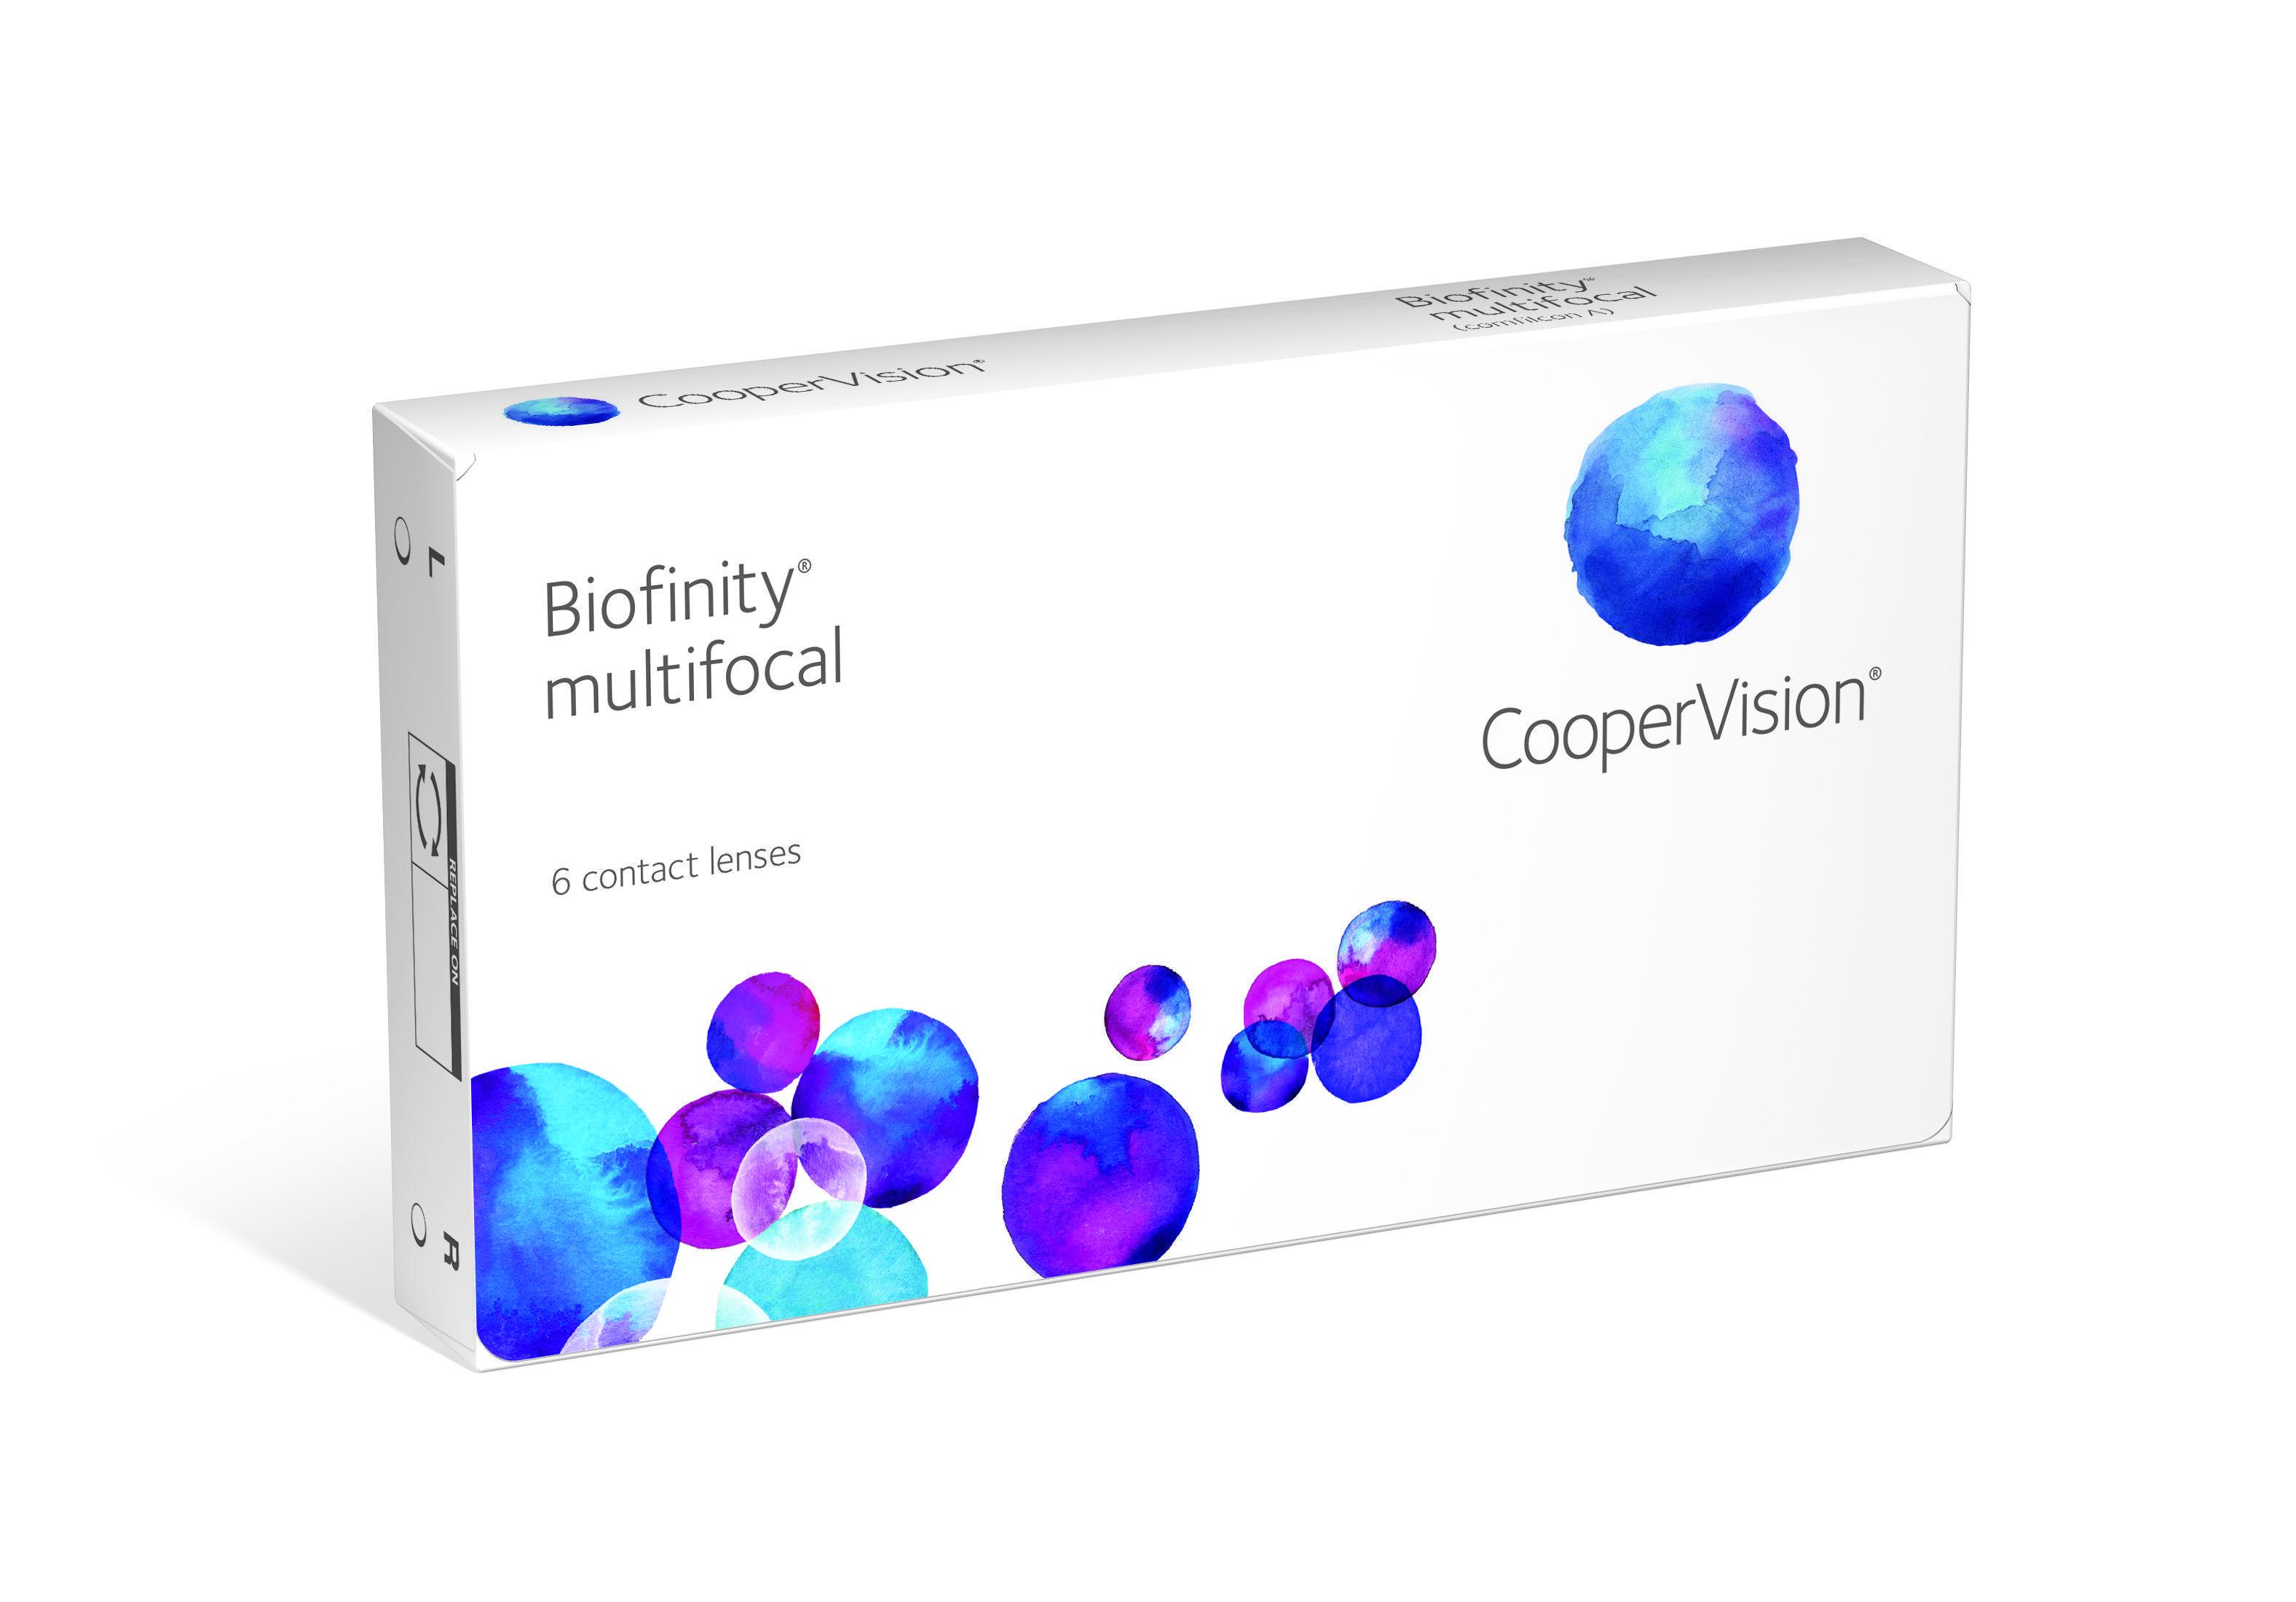 Biofinity Multifocal contactlenzen